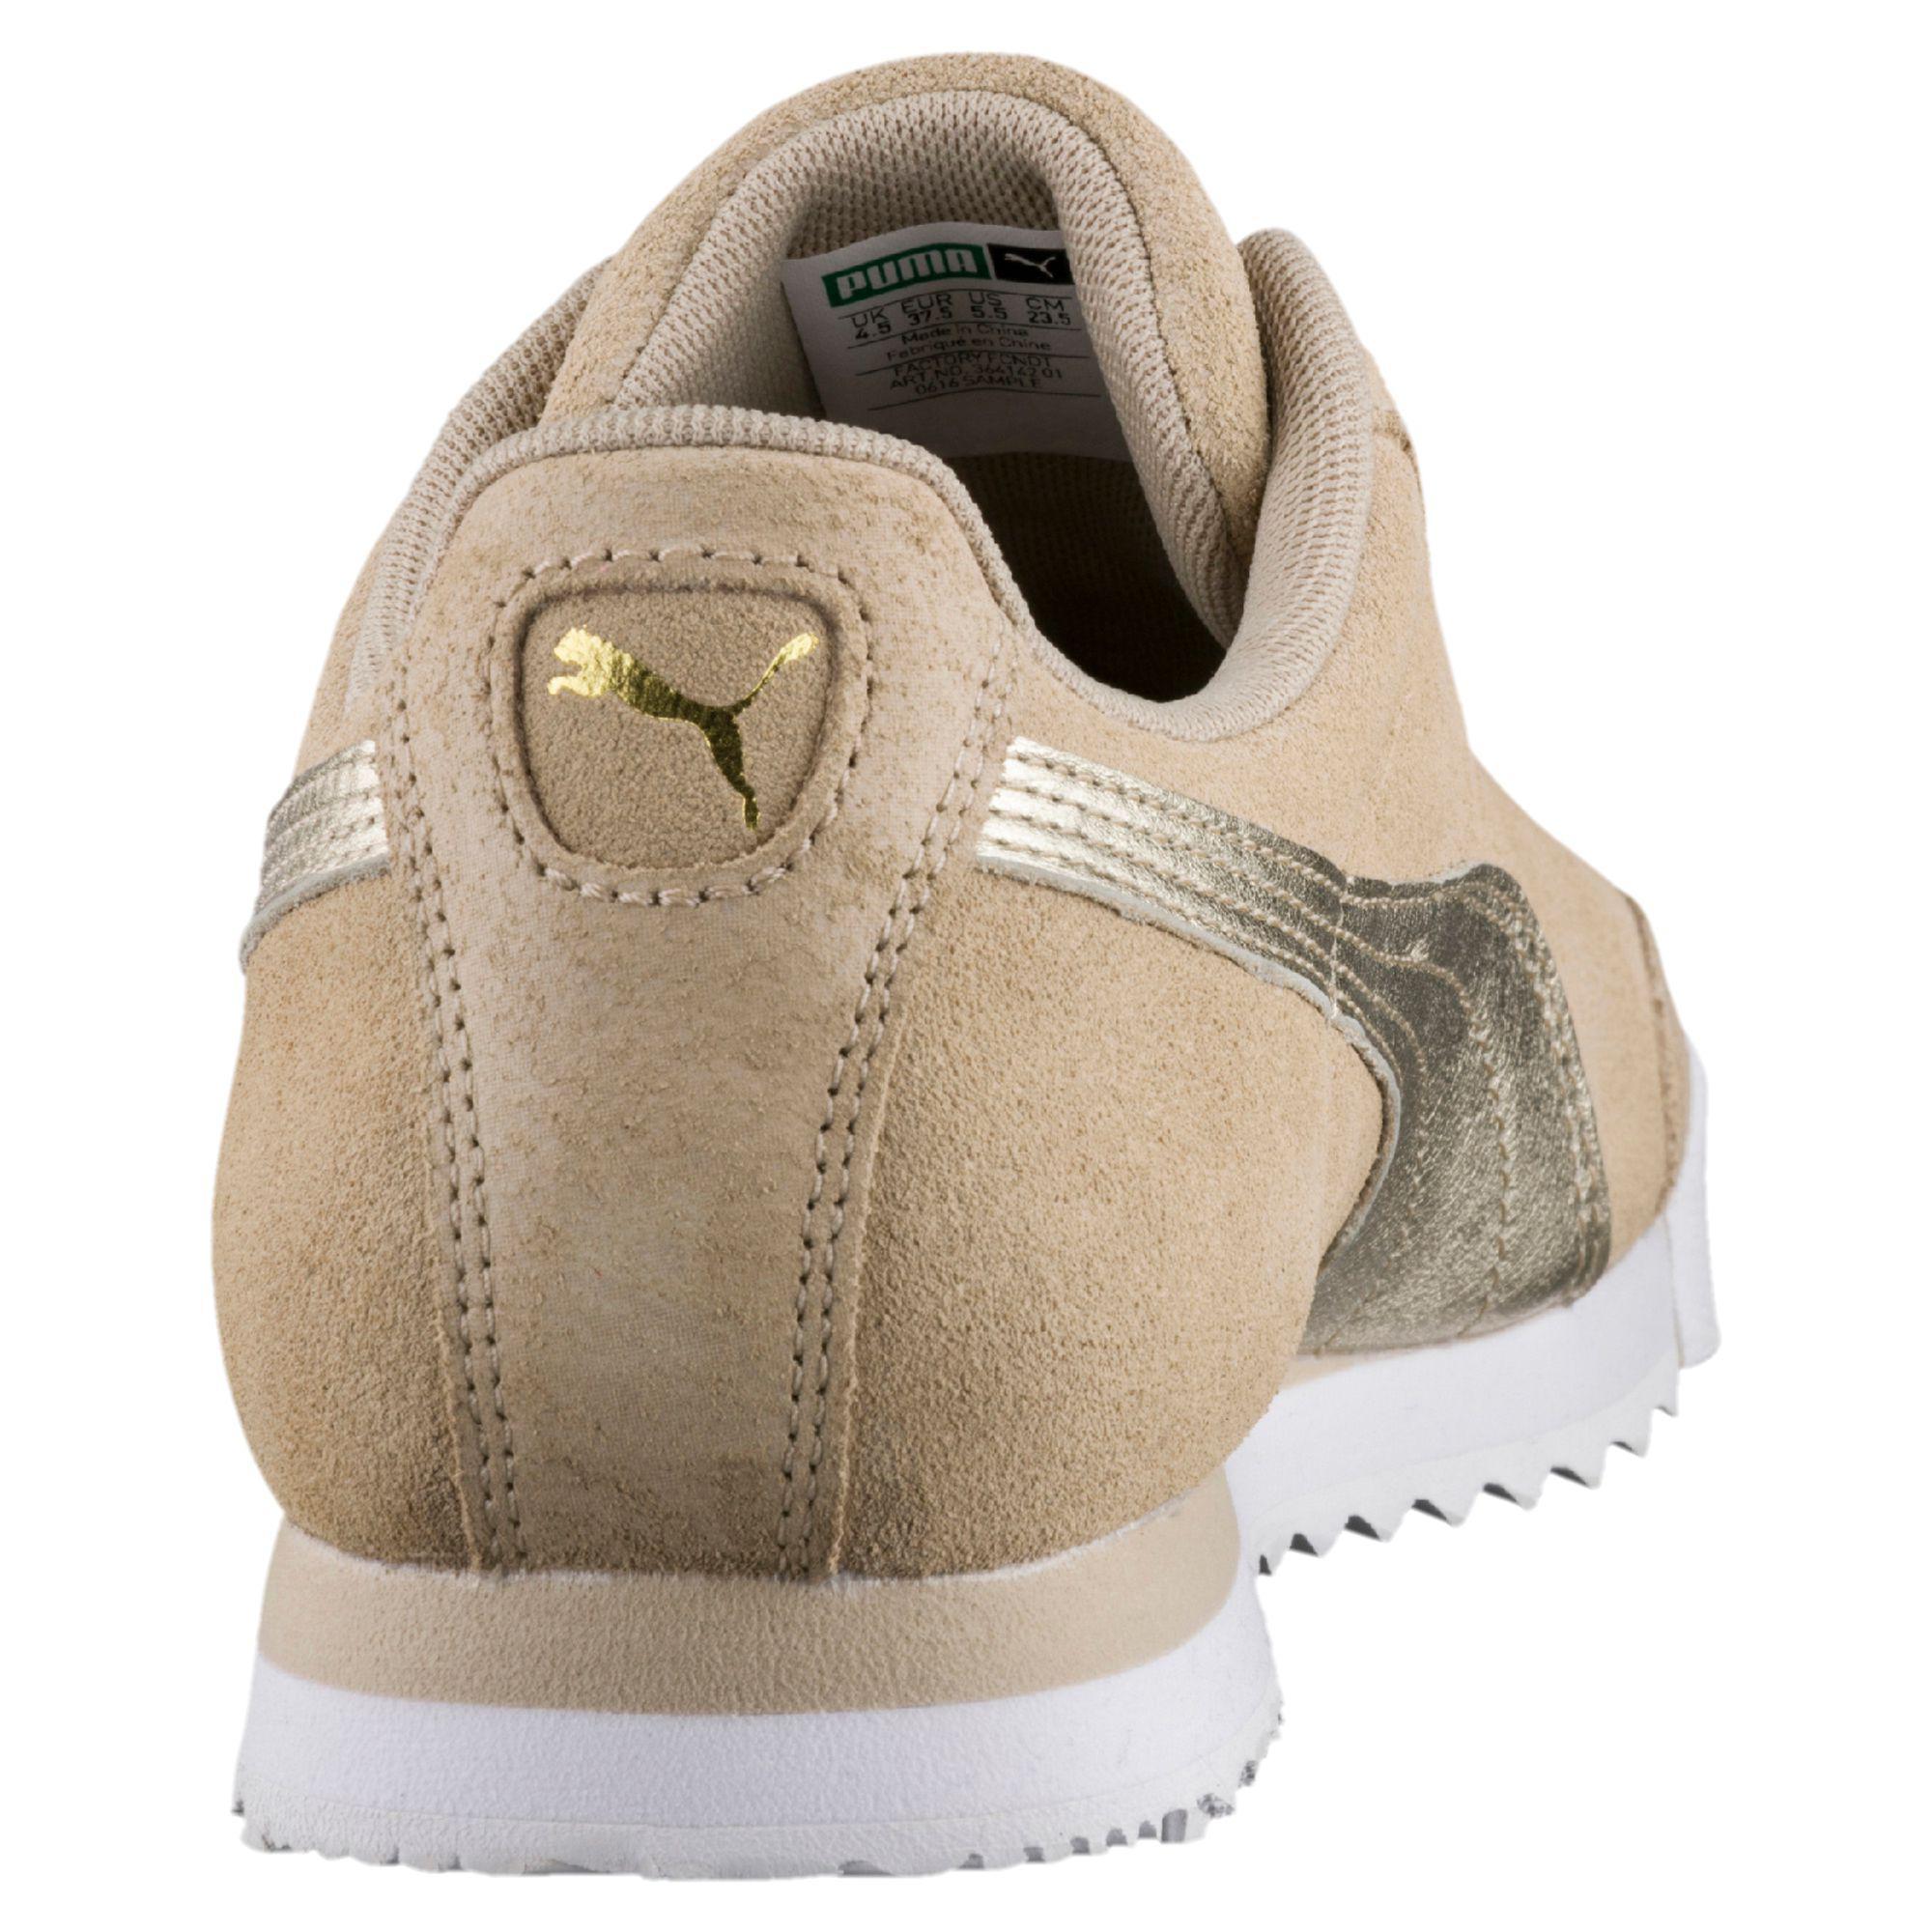 2dcdaf818486 Lyst - PUMA Roma Basic Metallic Safari Women s Sneakers in Metallic